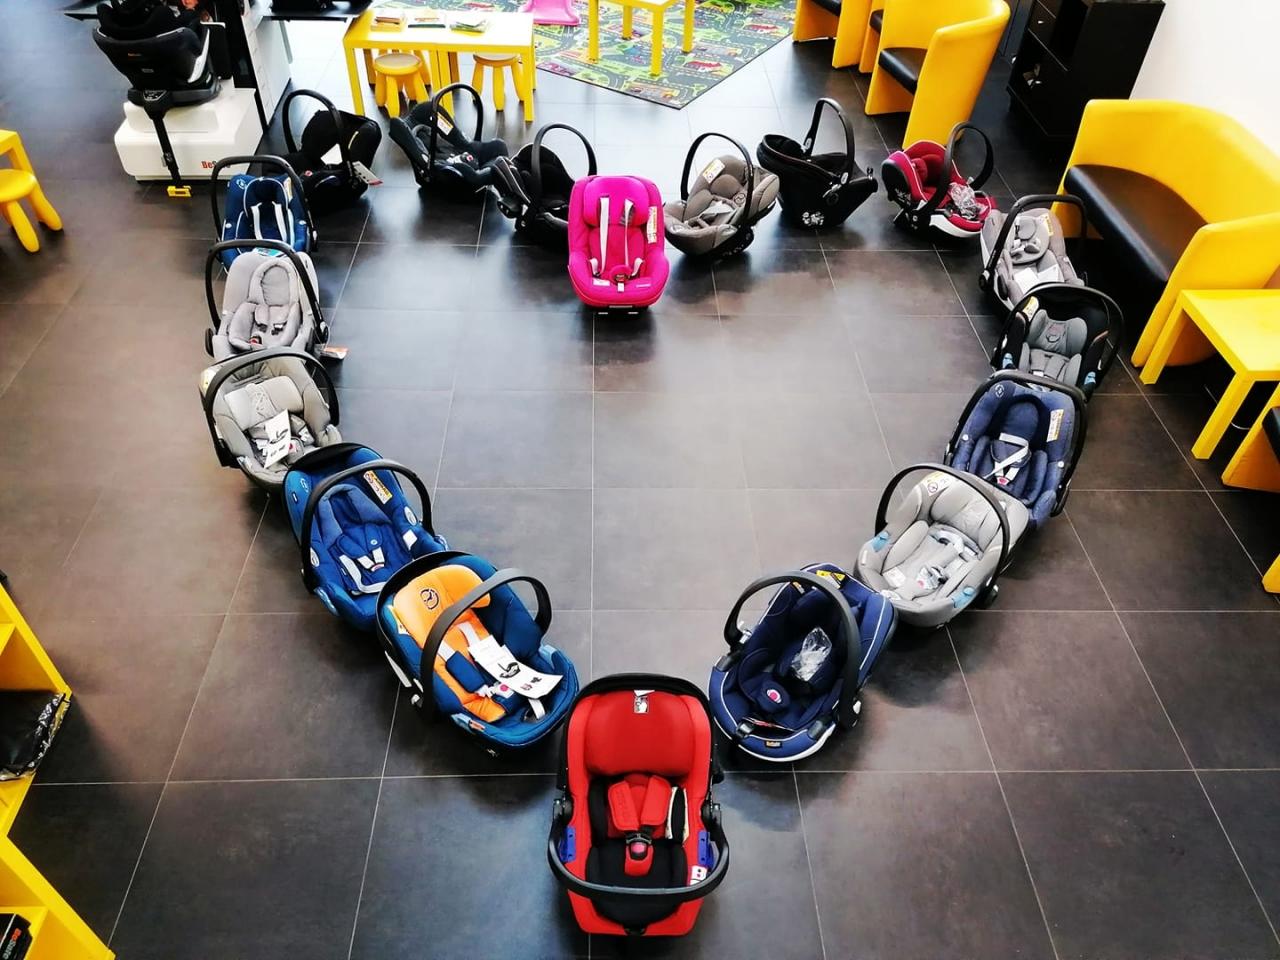 Foteliki kategorii 0-13 to jedyne fotele, których nie mierzymy do dziecka podczas doboru